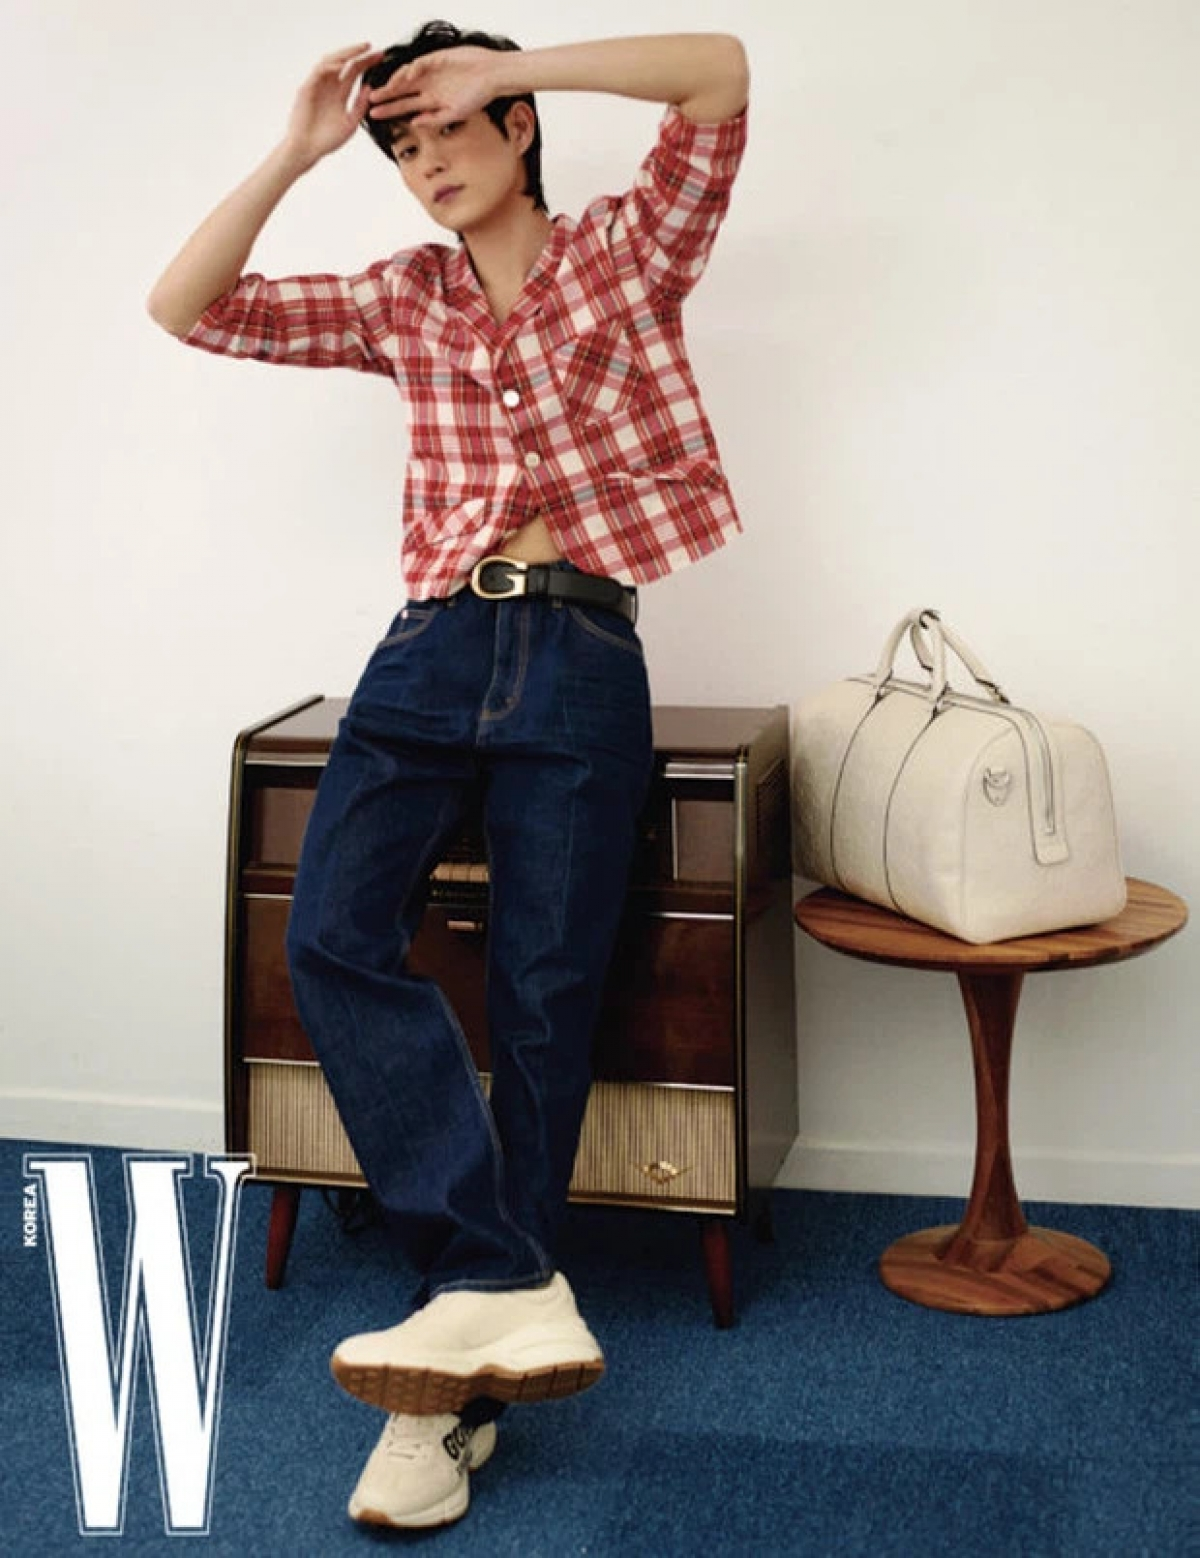 """Cũng như Han Ji Hyun, Kim Young Dae hiện đang là nam diễn viên trẻ được săn đón.Được mệnh danh là """"tiểu Kang Dong Won"""", Young Dae gây ấn tượng với vẻ ngoài điển trai, ánh nhìn cuốn hútvà nụ cười """"đốn tim"""" phái nữ."""